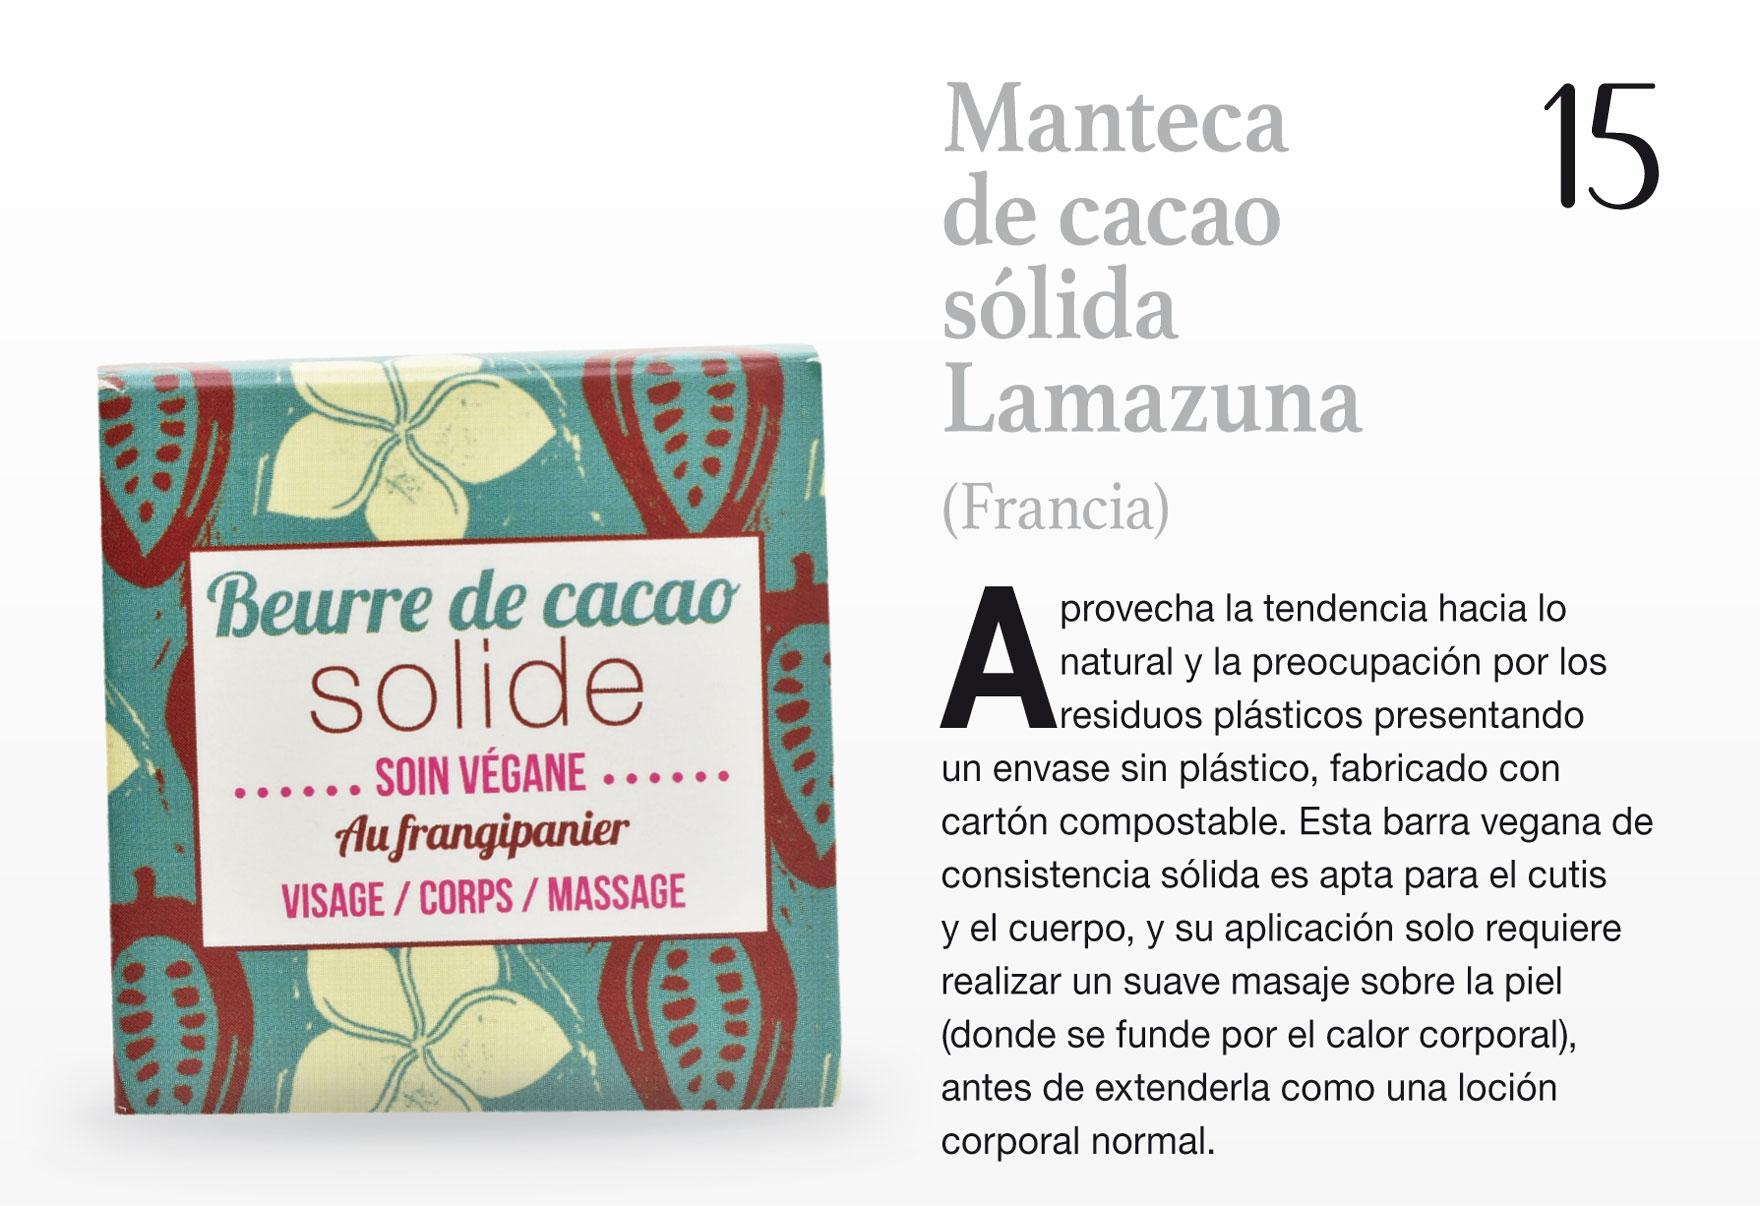 Manteca de cacao sólida Lamazuna (Francia)